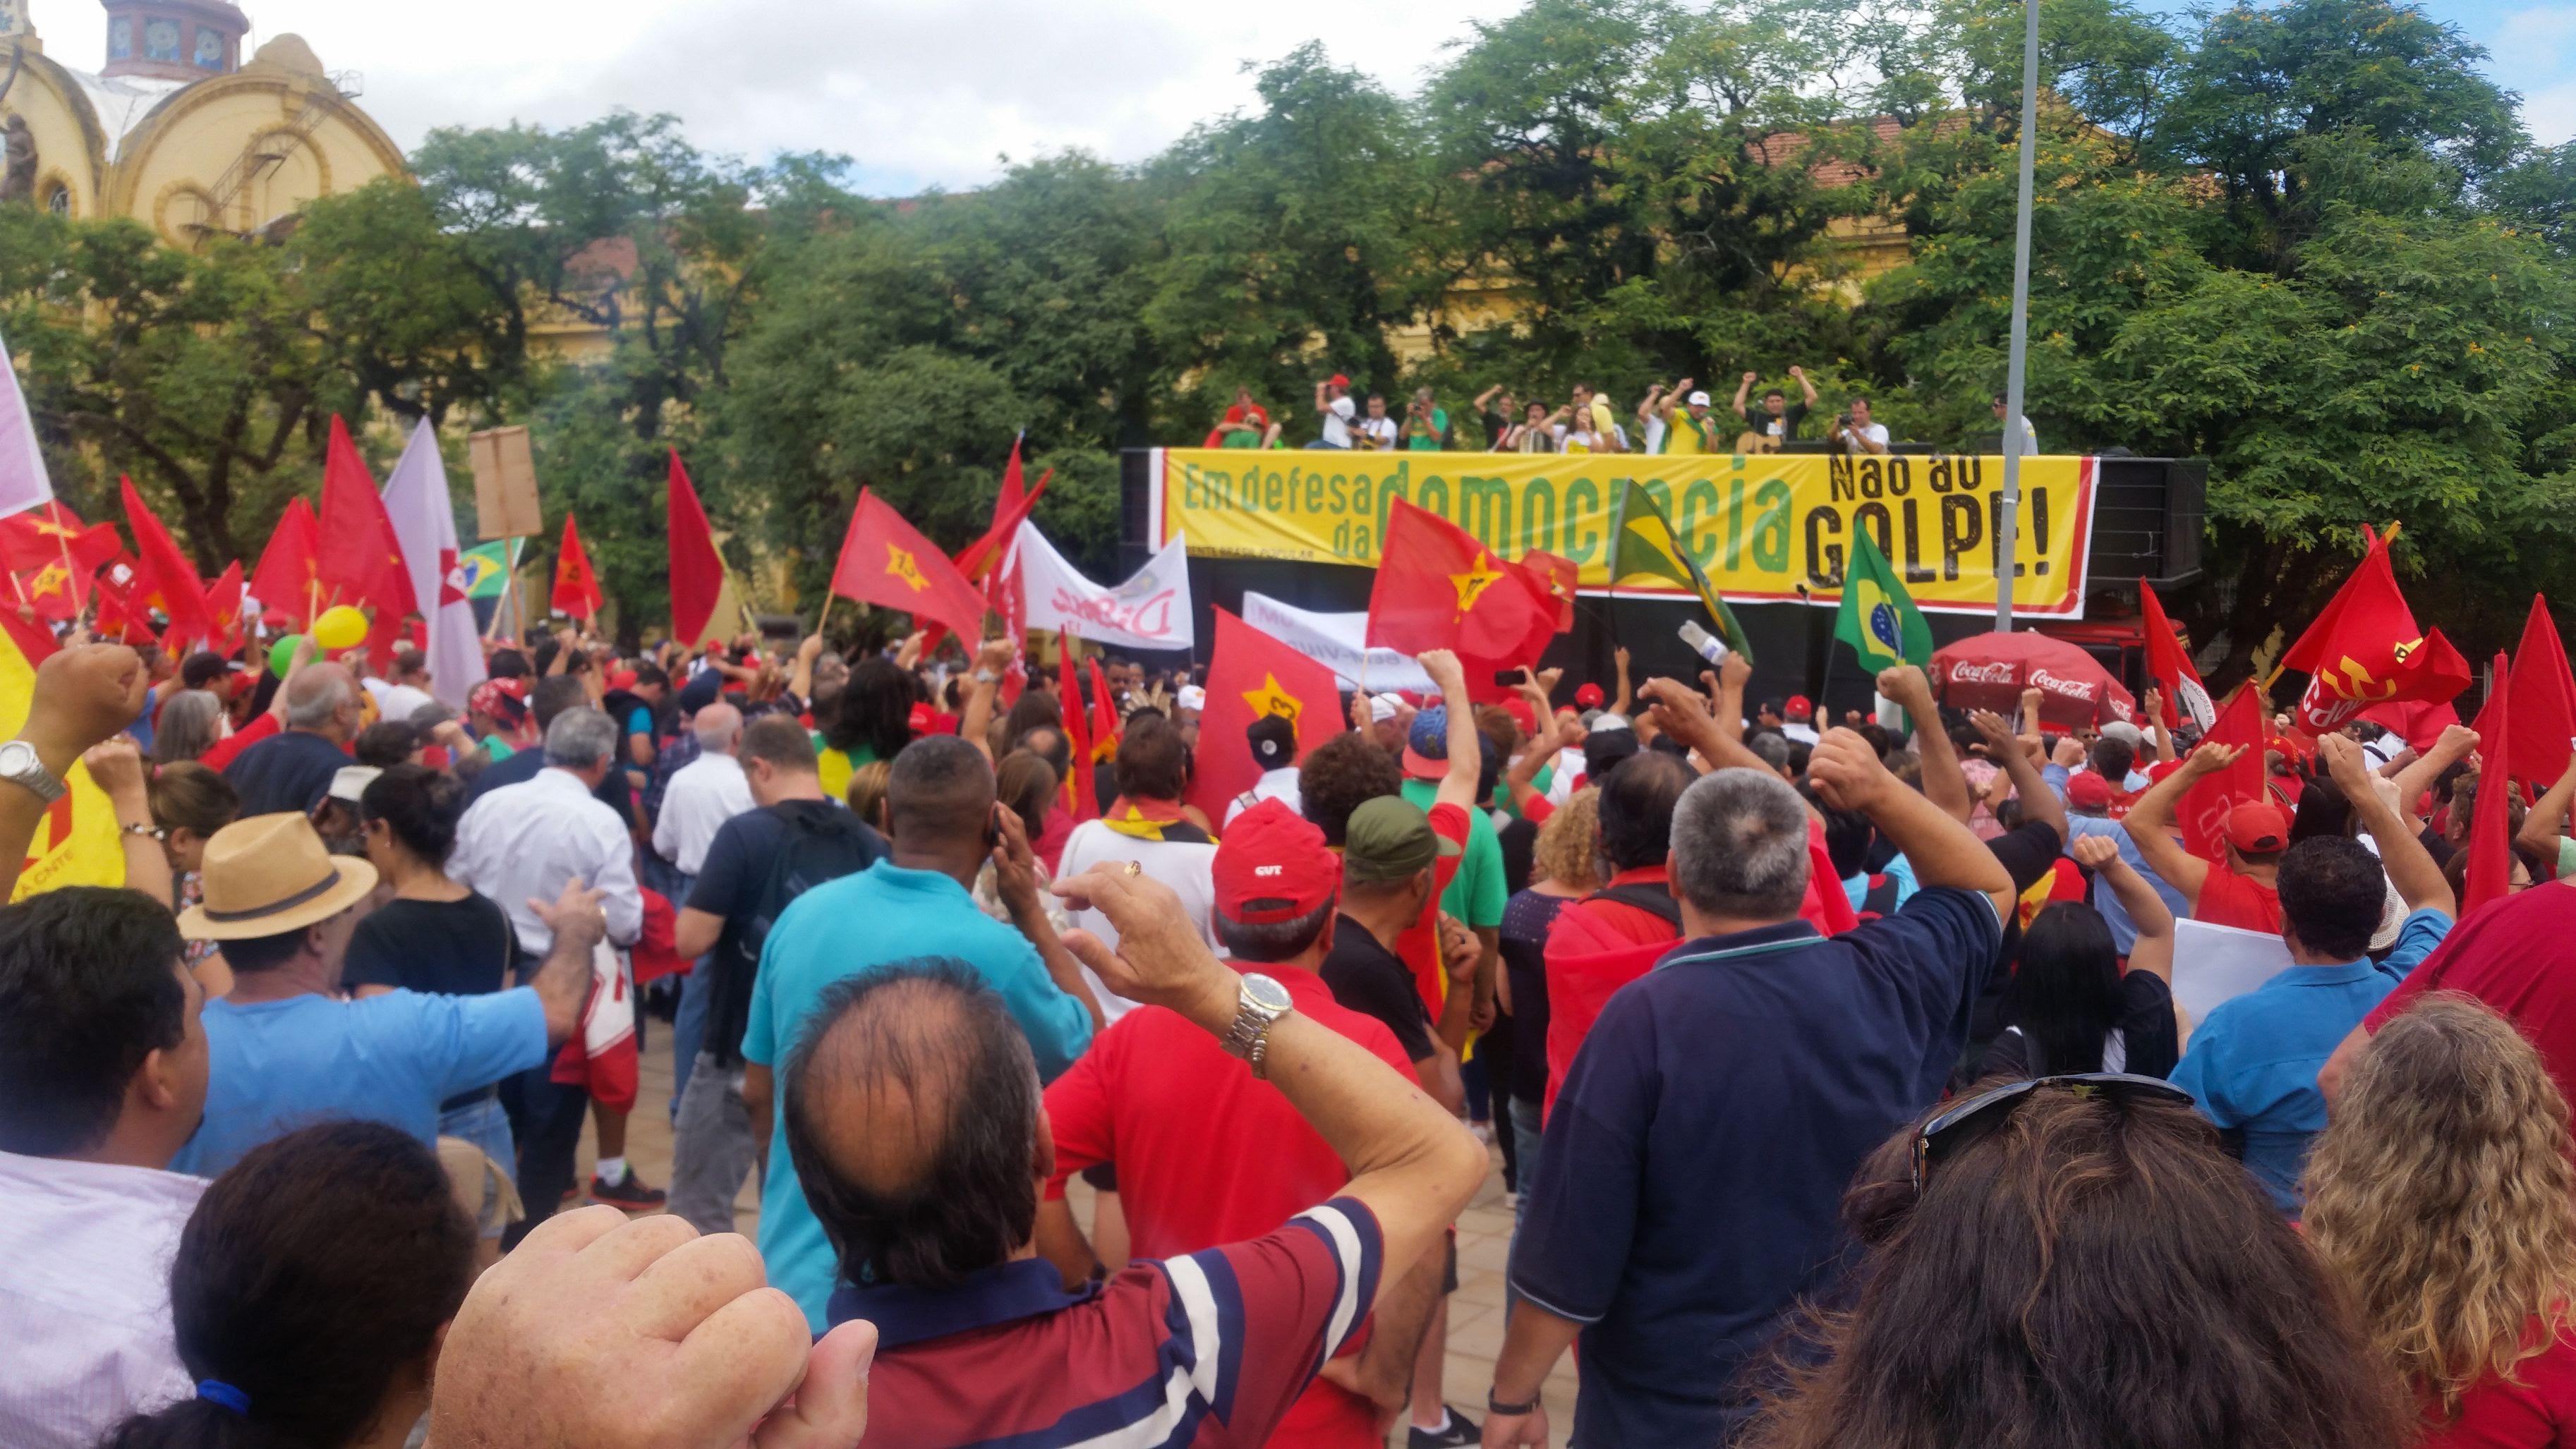 DI_manifestacao-a-favor-de-Dilma-Rousseff-em-Porto-Alegre_003